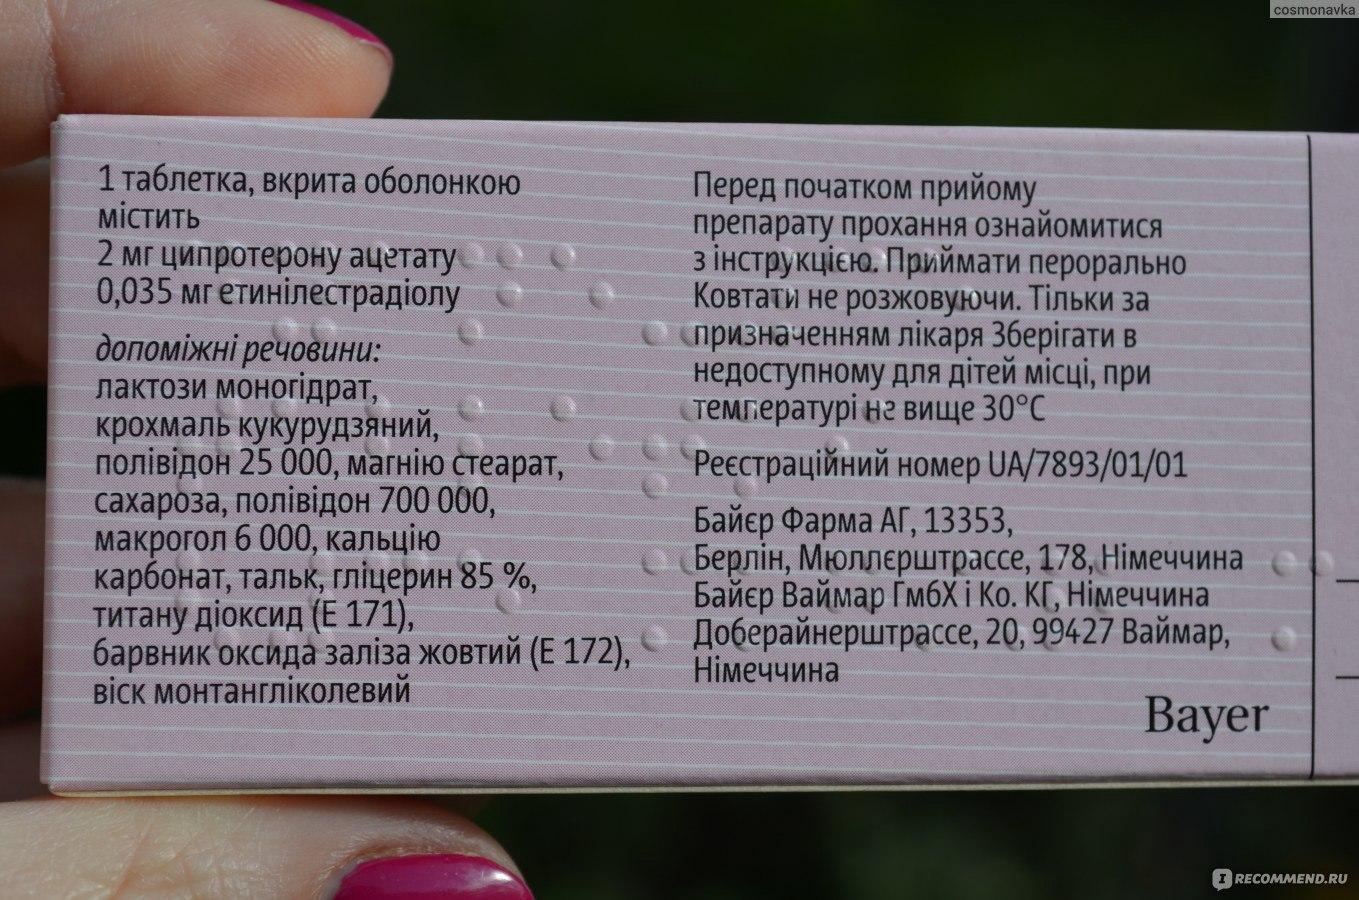 Можно ли набрать вес после противозачаточных таблеток и какие есть ок, не влияющие на набор?